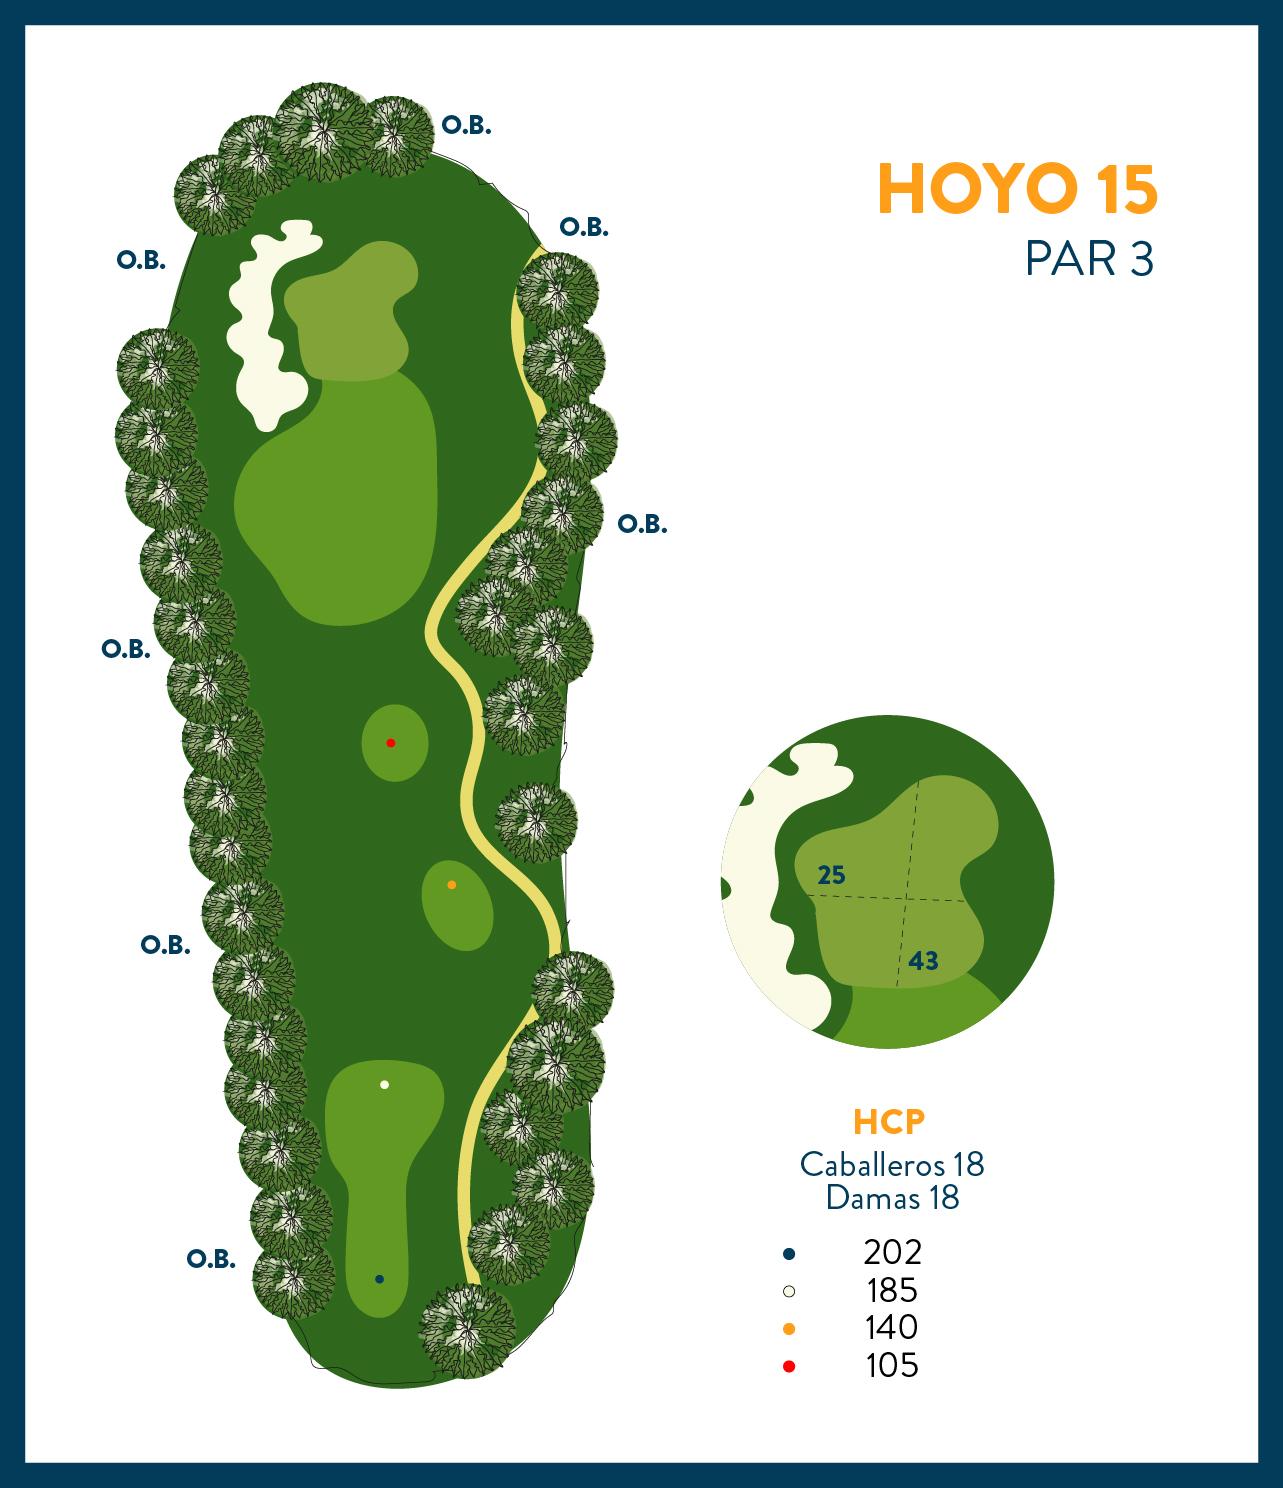 LH_hoyos-15